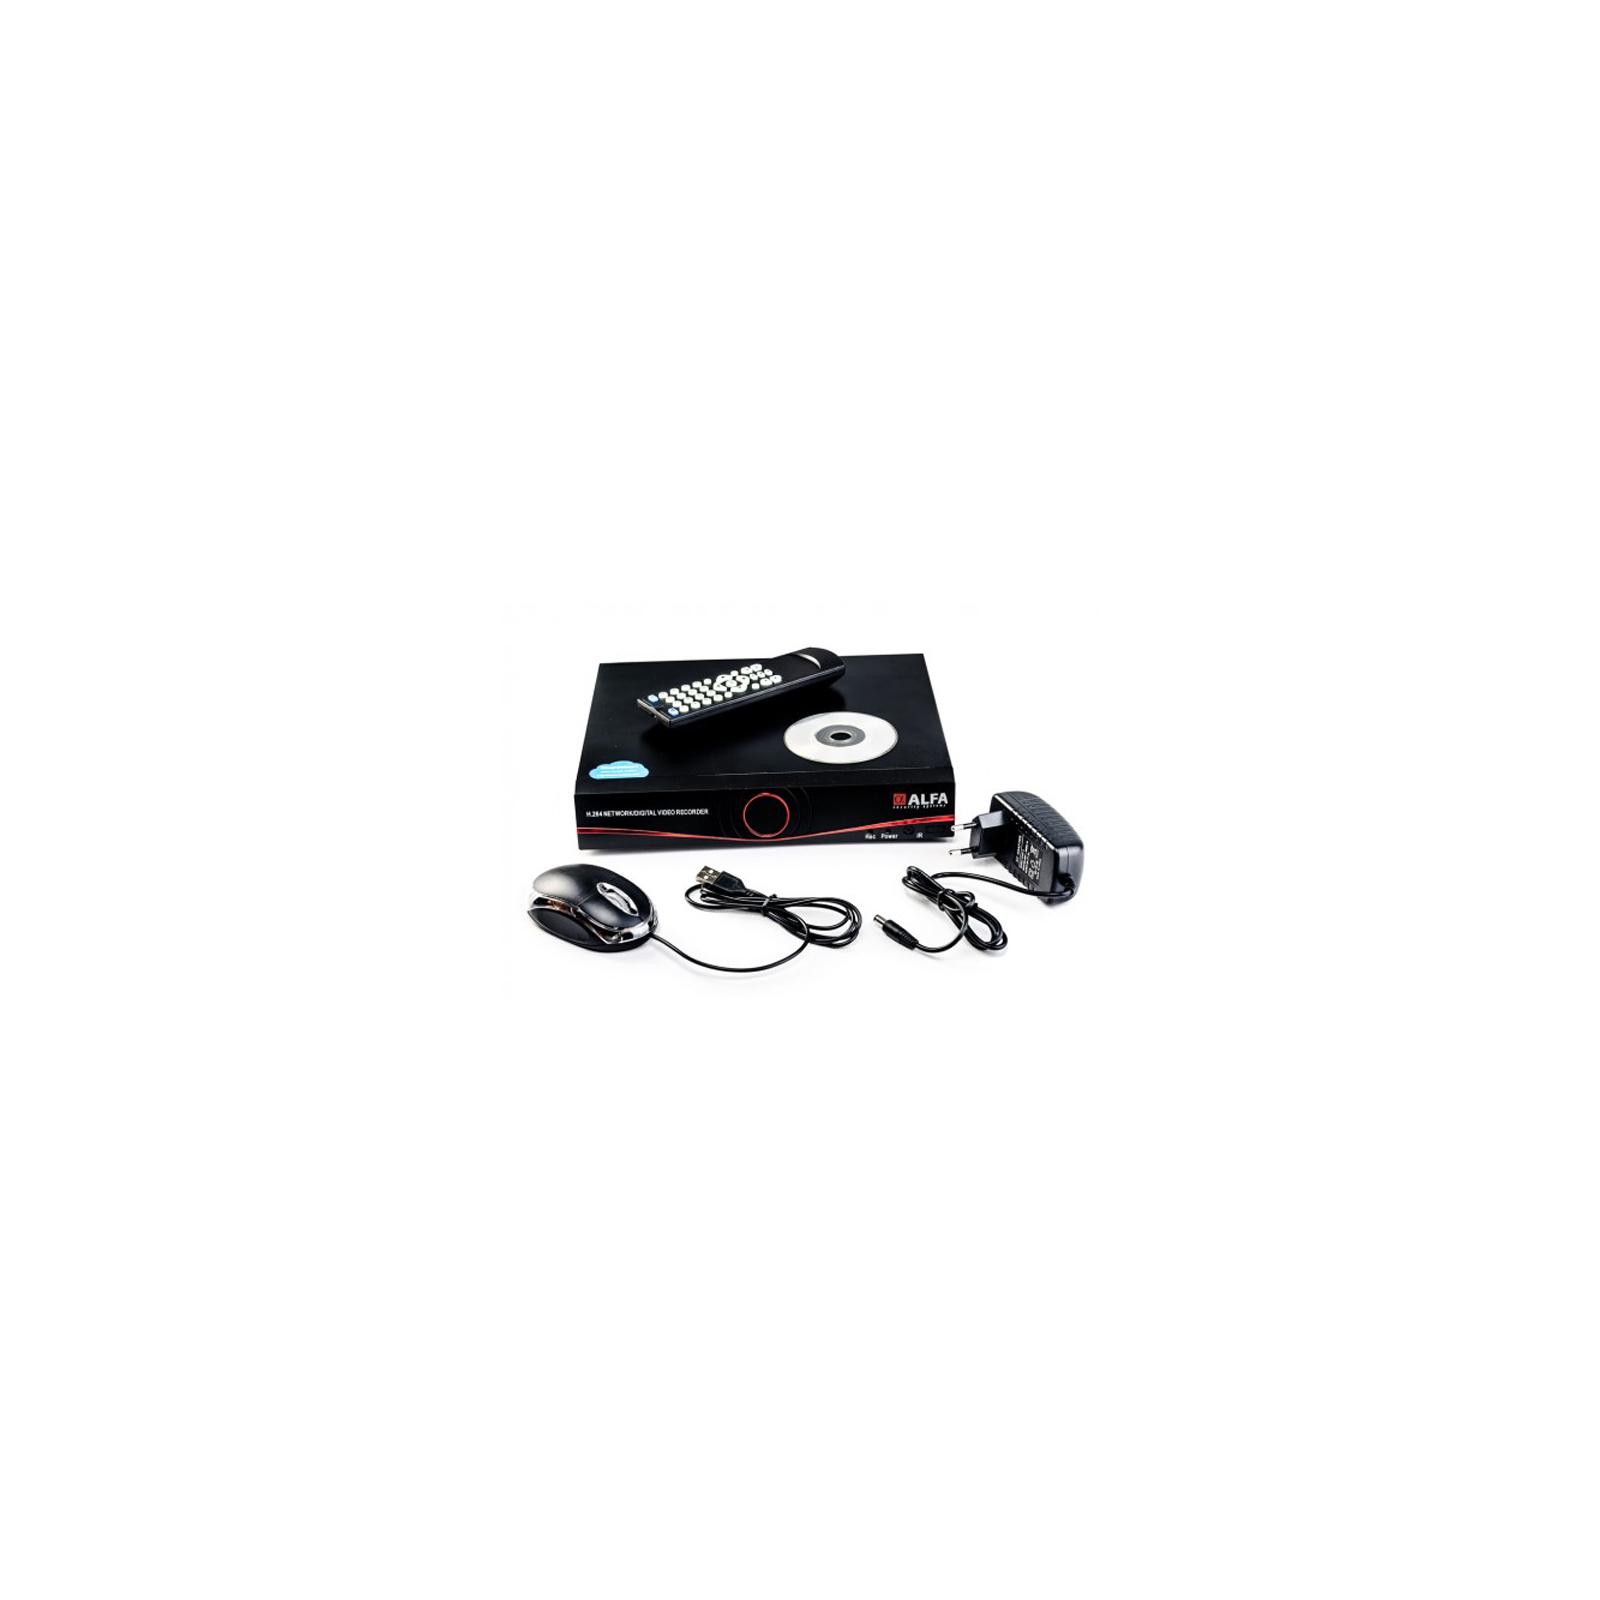 Регистратор для видеонаблюдения ALFA D6308S изображение 2